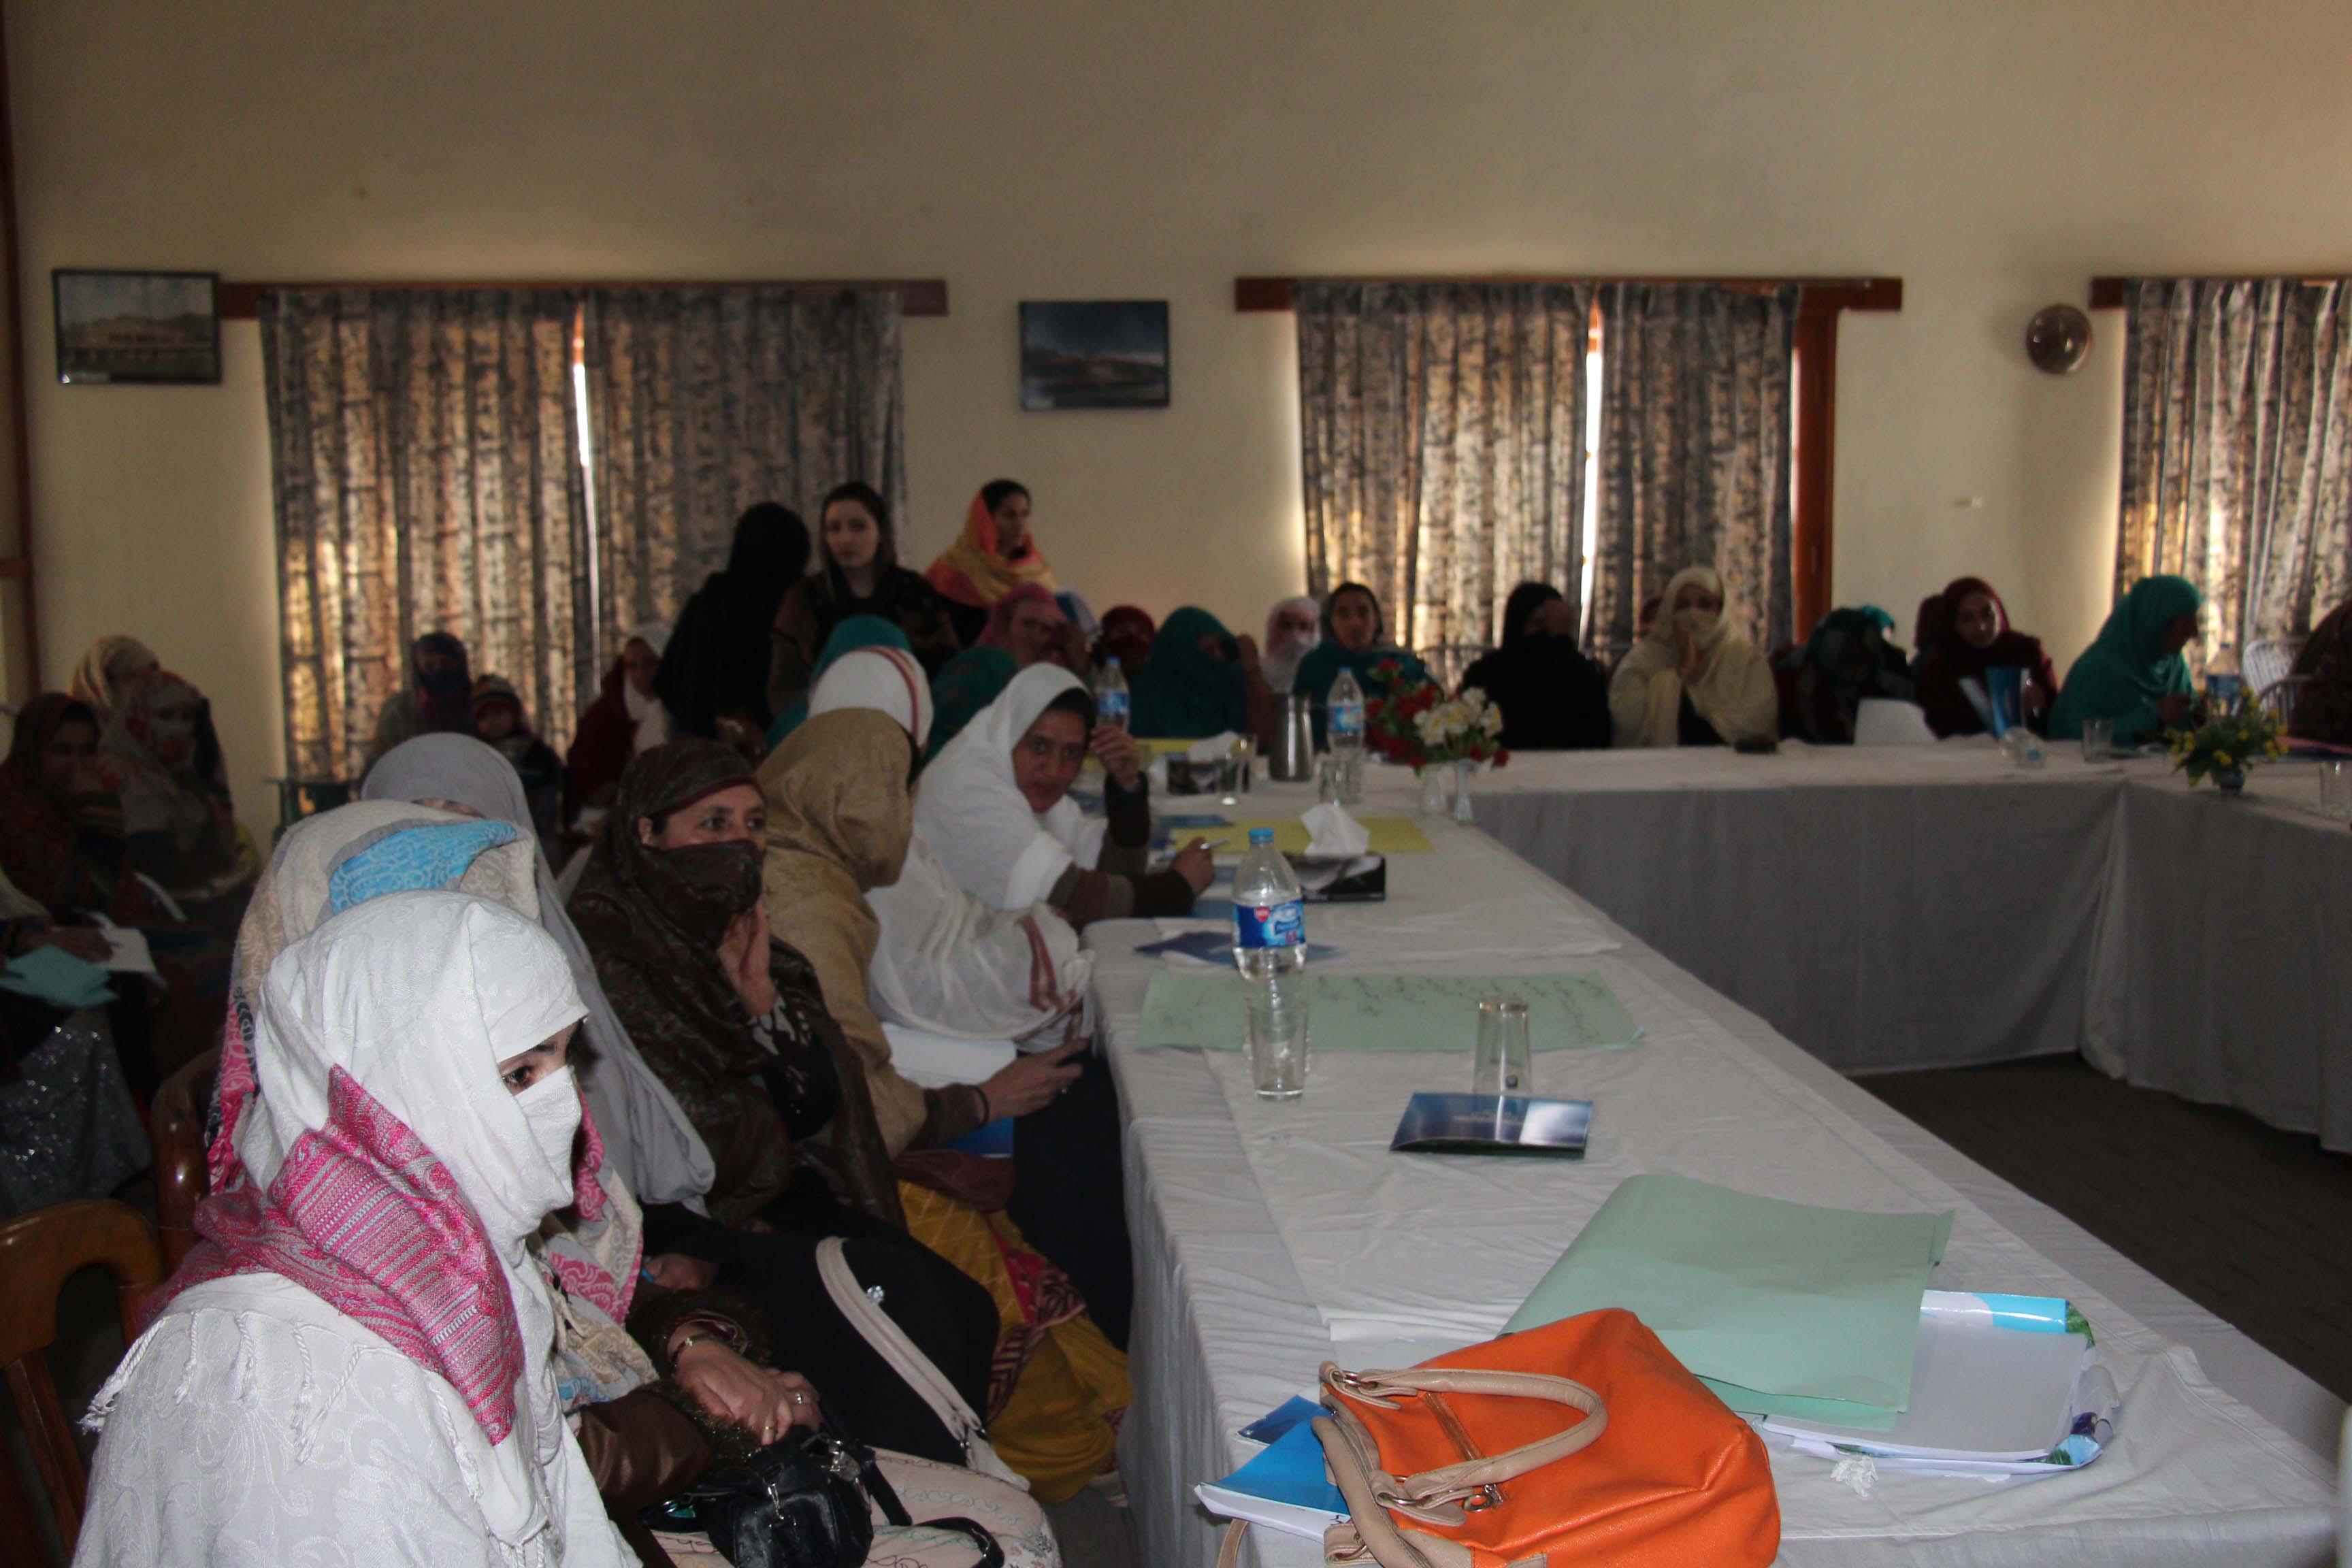 خواتین کونسلروں کیلئے چترال میں ایک روزہ مشاورتی ورکشاپ،حقوق اور فرائض کے حوالے سے بریفنگ دی گئی